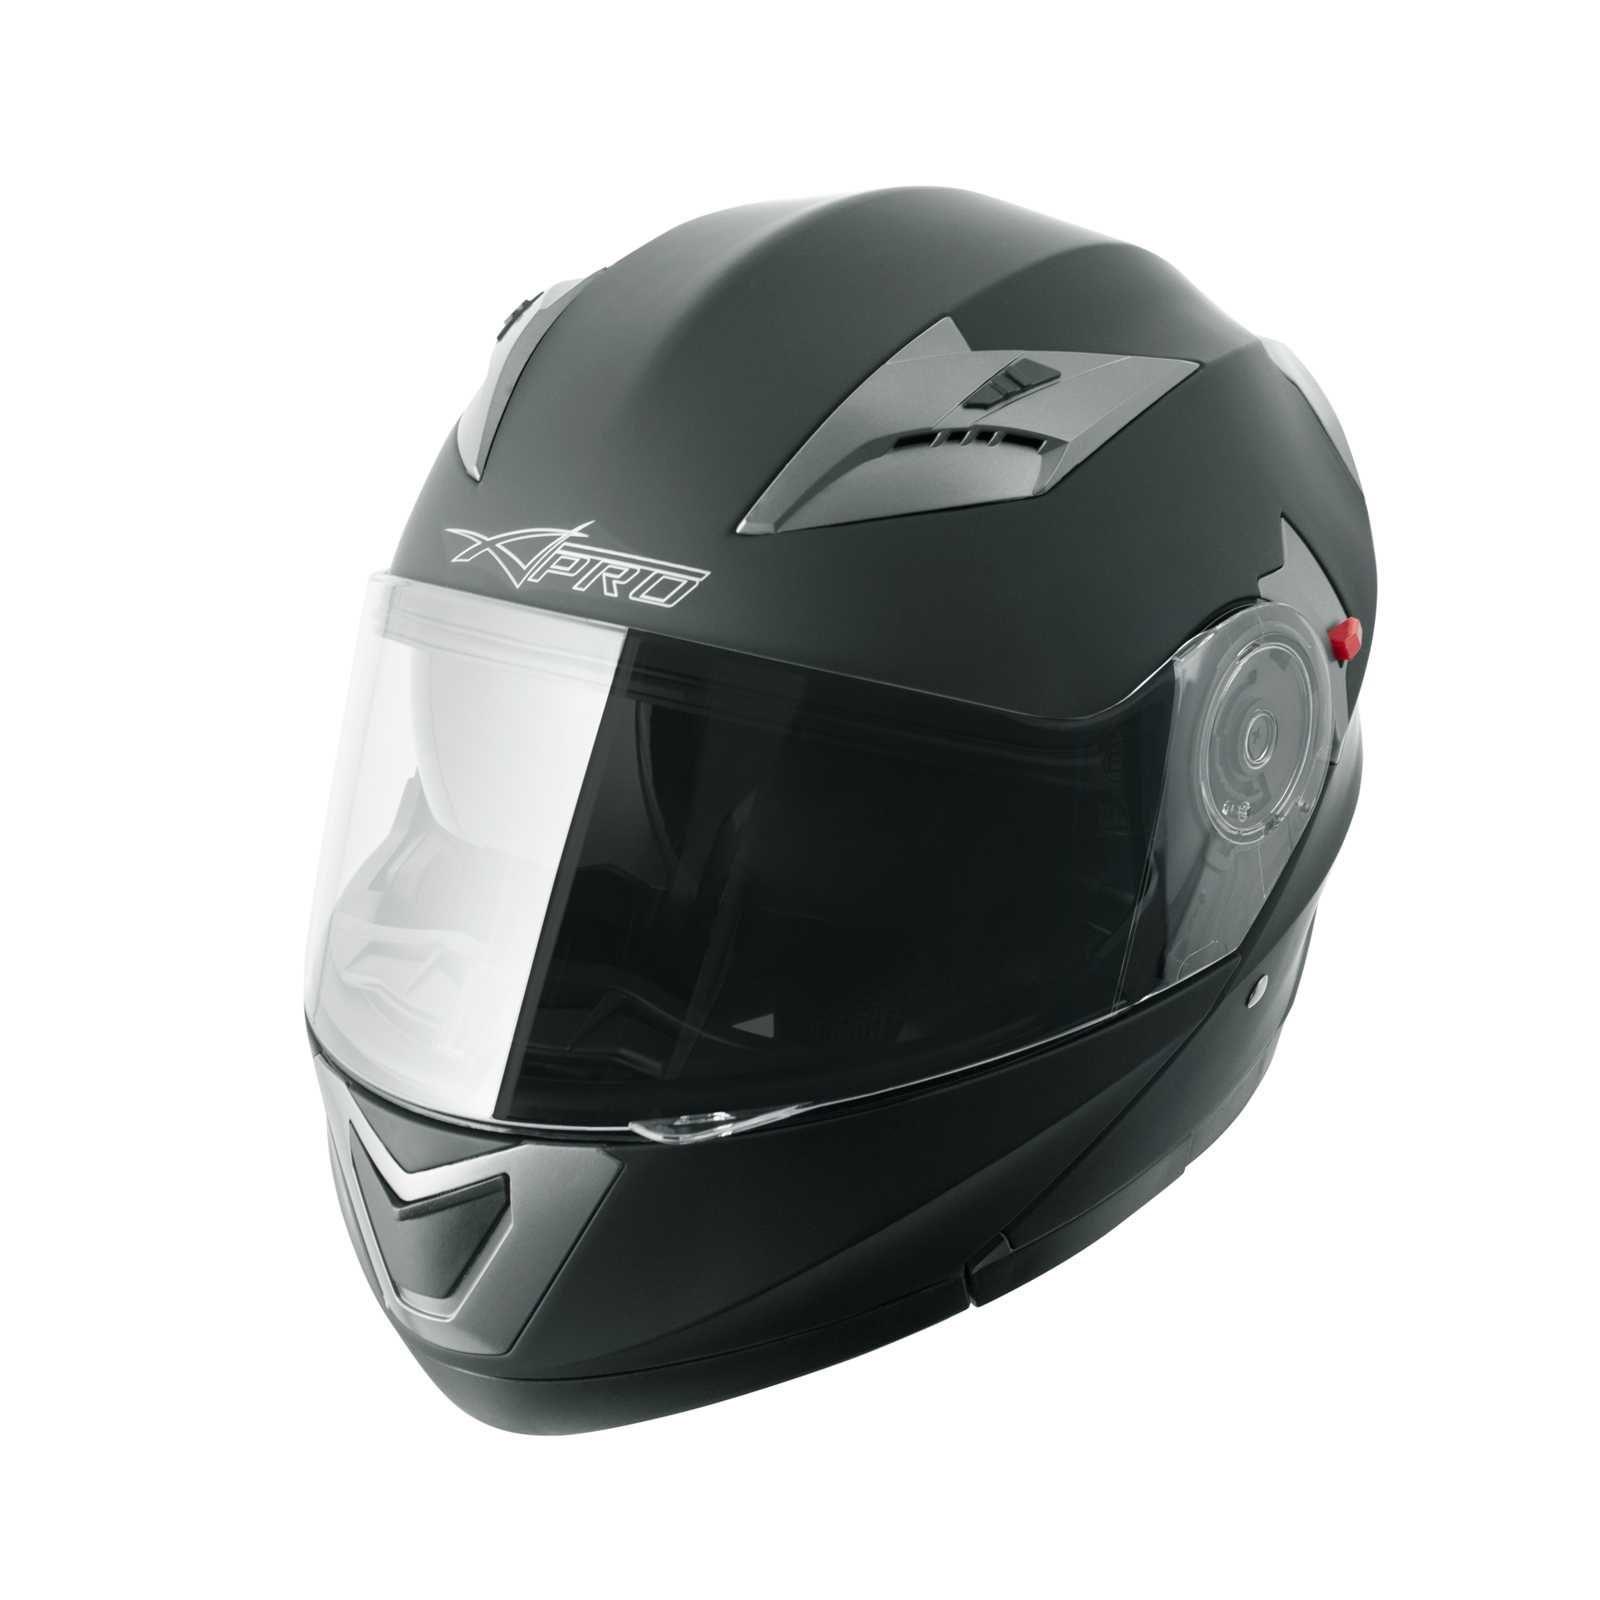 Casca moto Flip Up. Casca moto rabatabila . Casca motocicleta